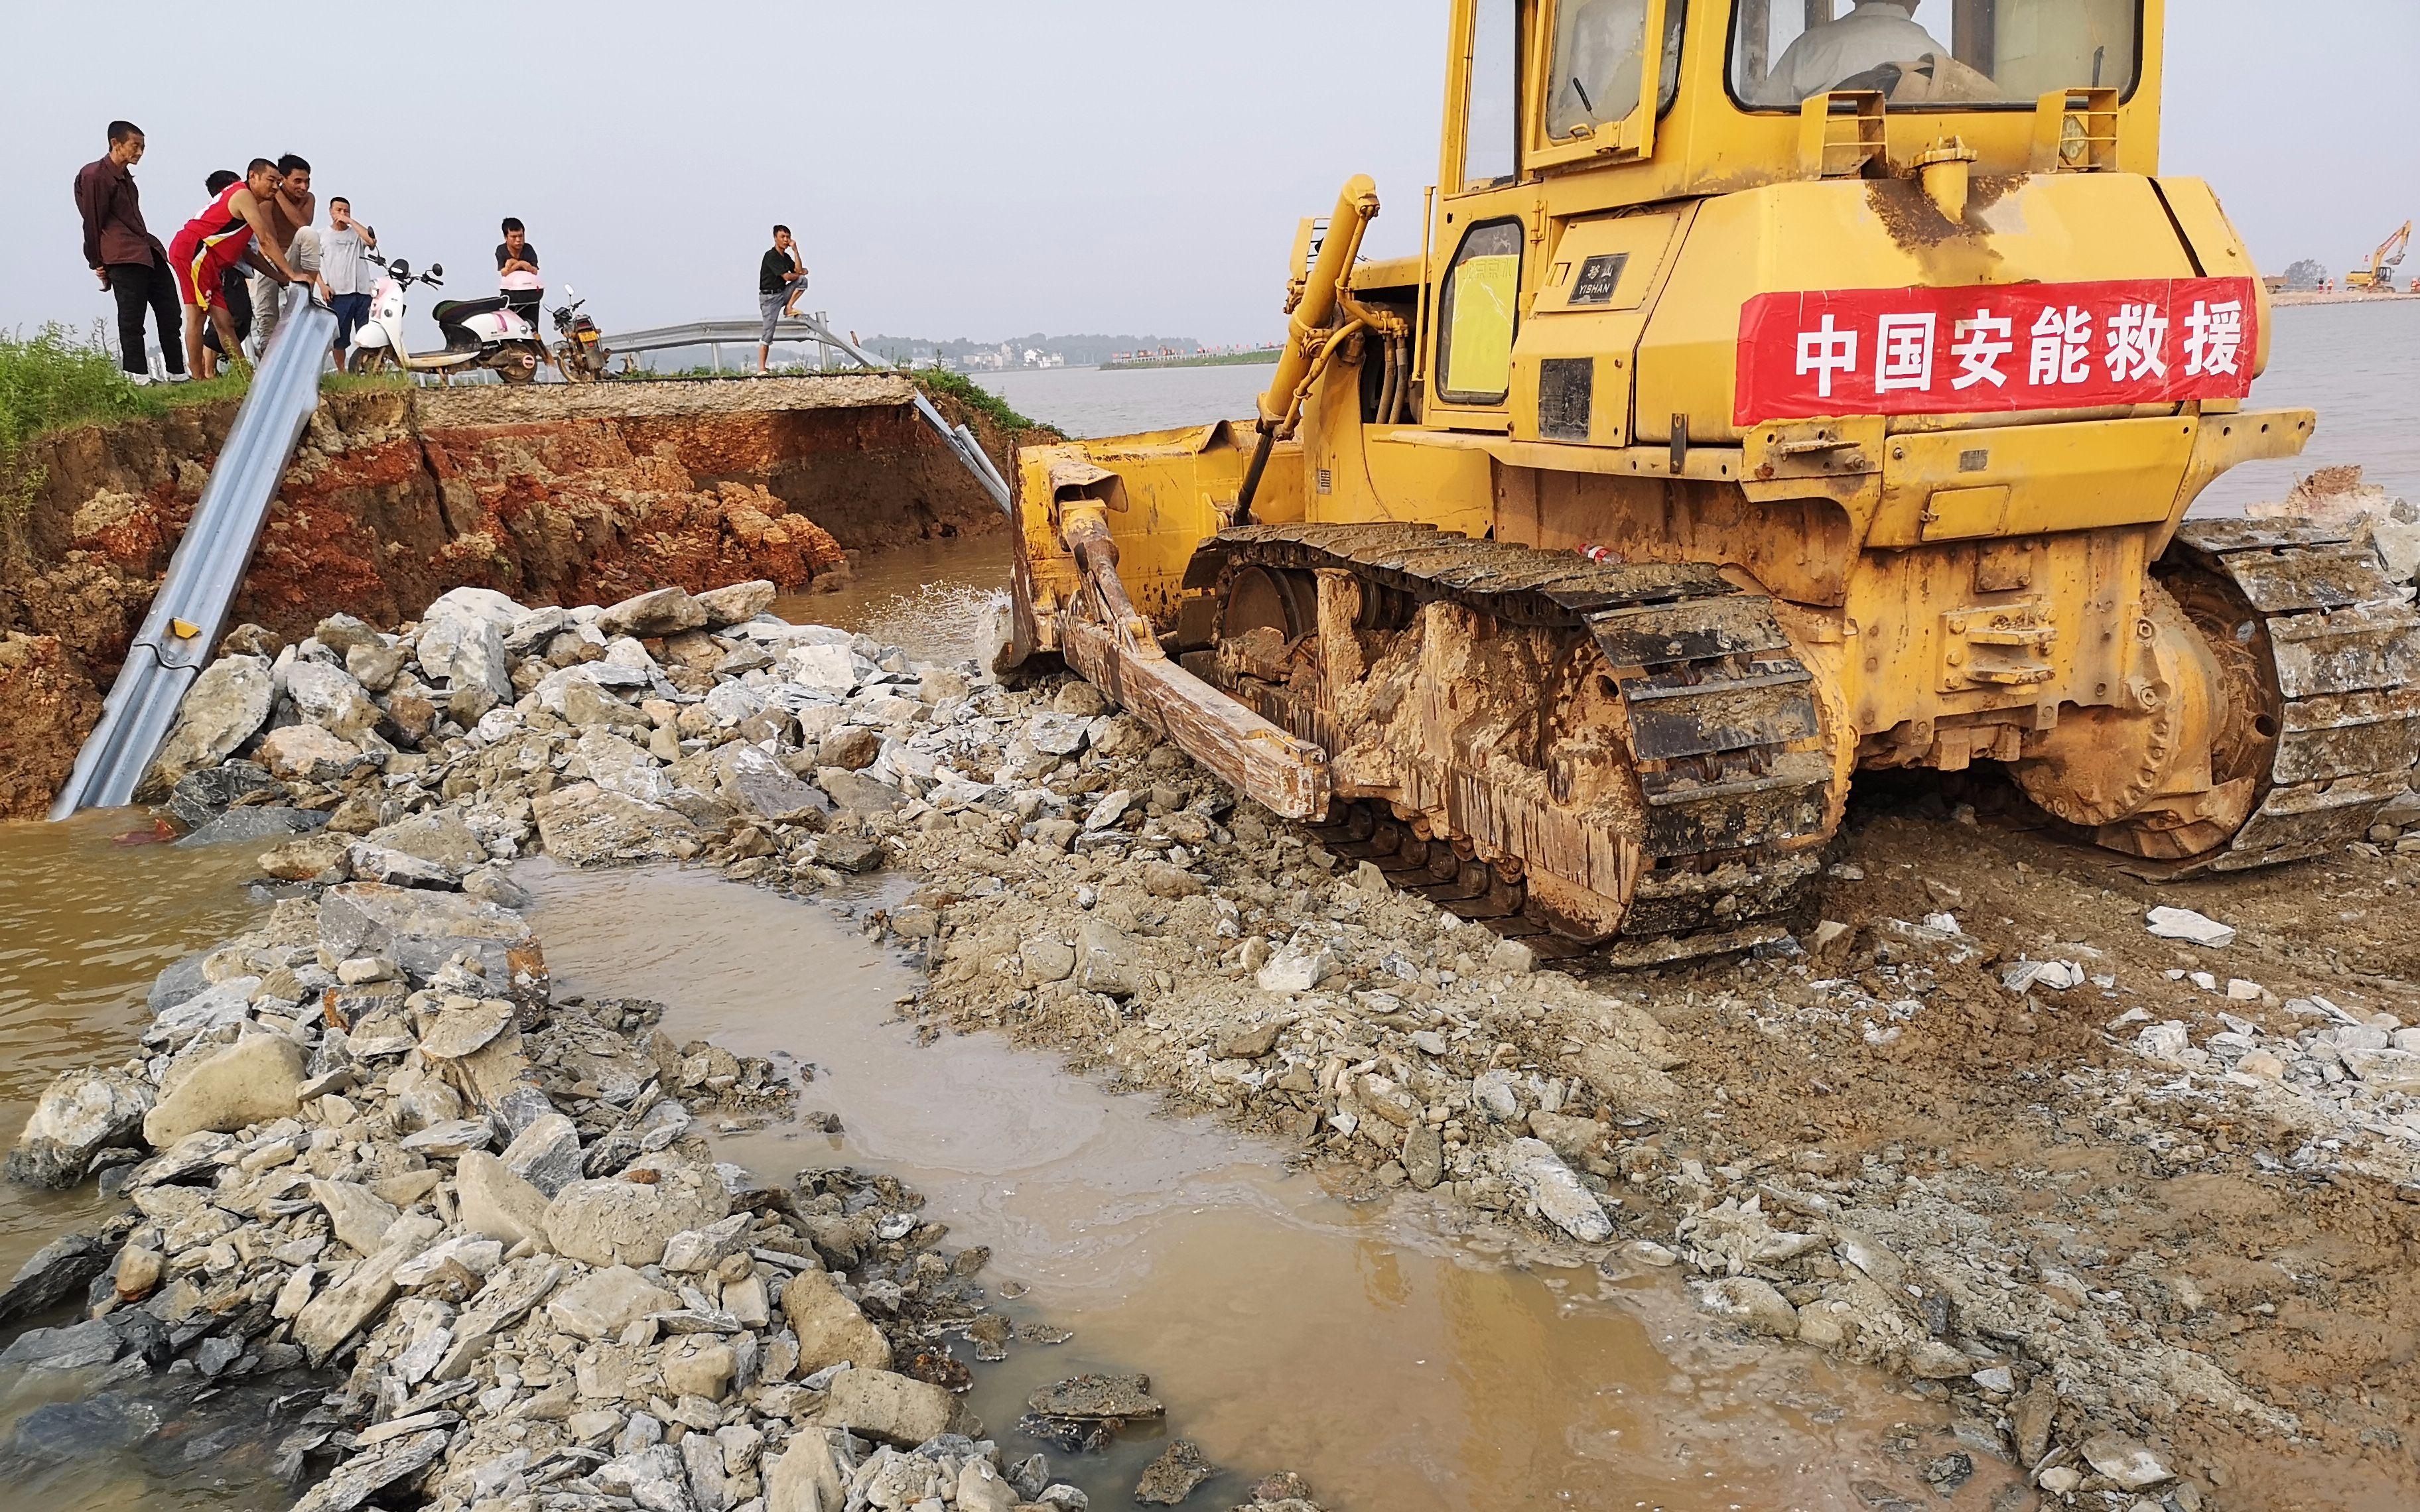 【怎样推广网站】_鄱阳湖又一决口被封堵